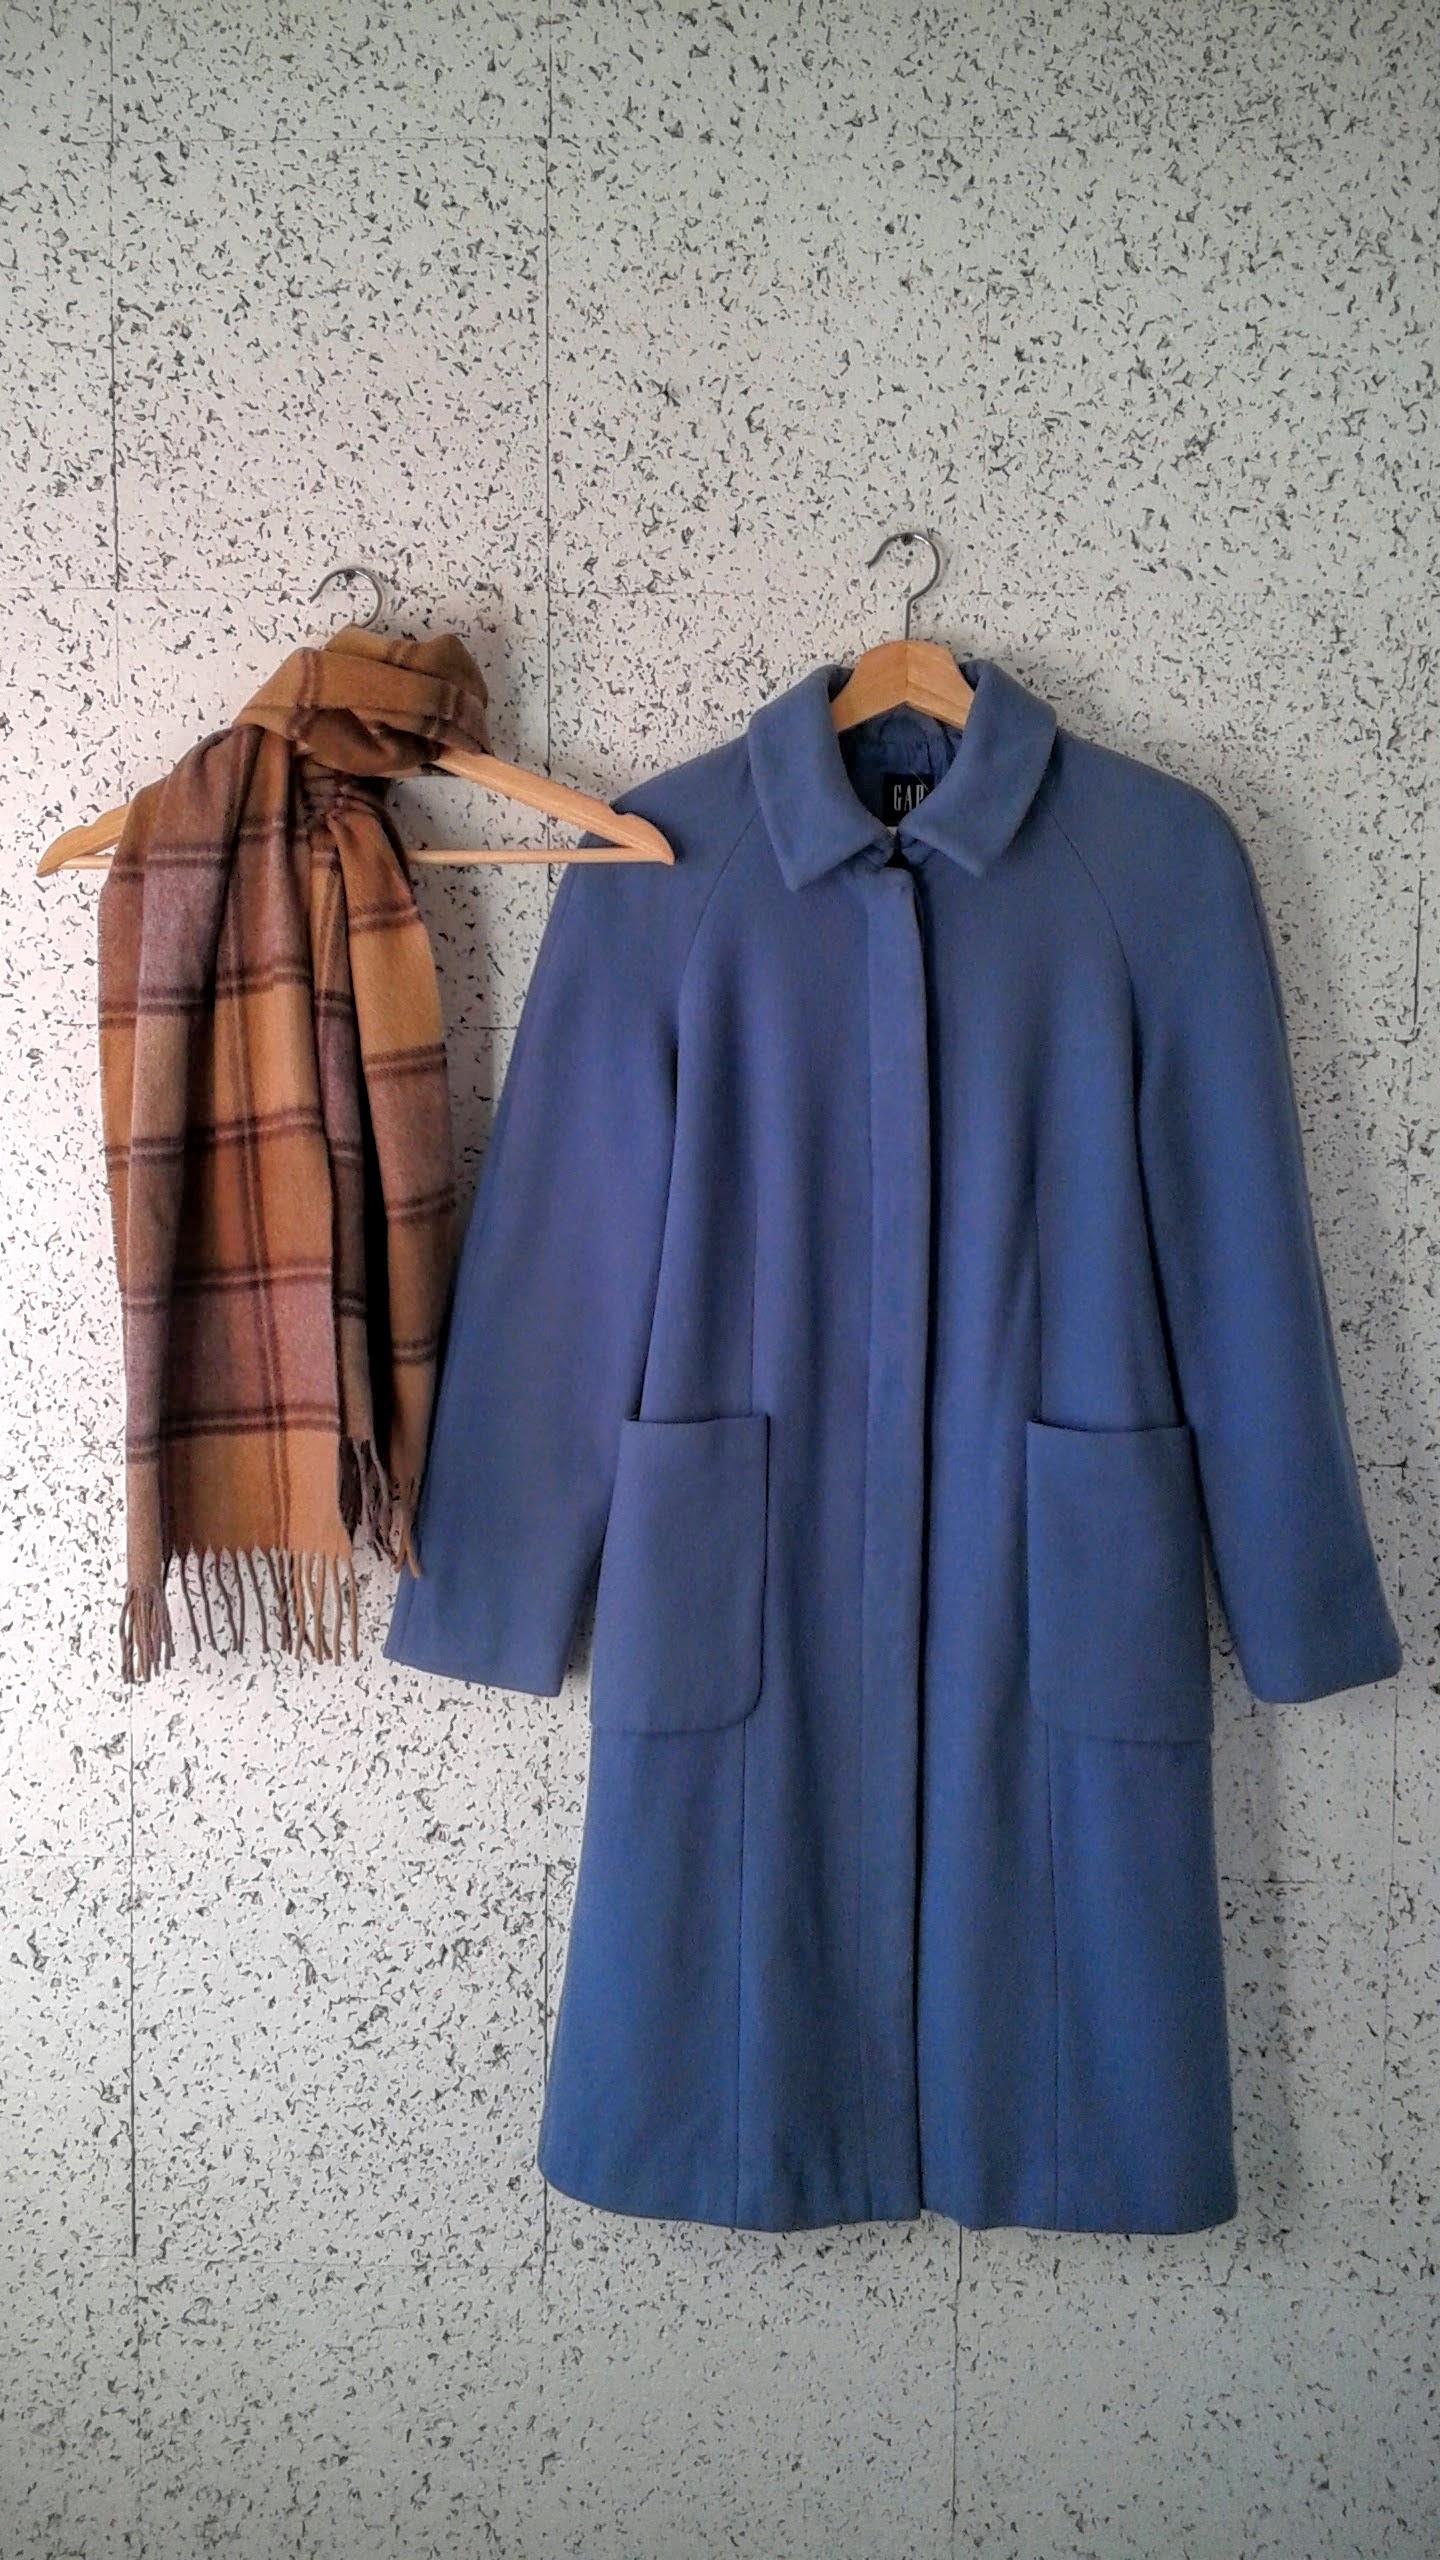 Italian wool Gap scarf, $18